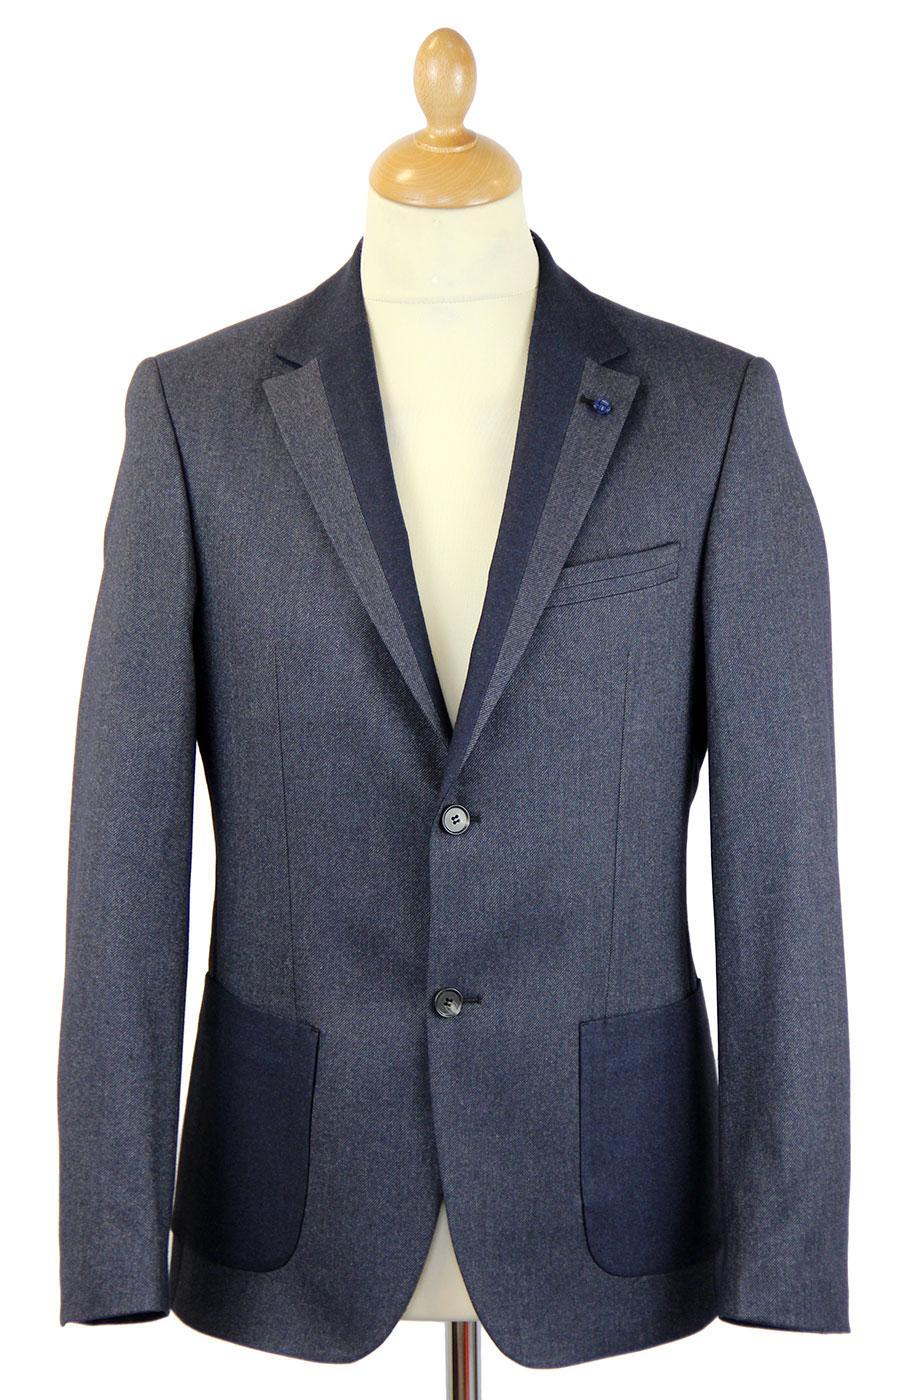 Desert Blazer PETER WERTH 60s Mod 2 Button Jacket